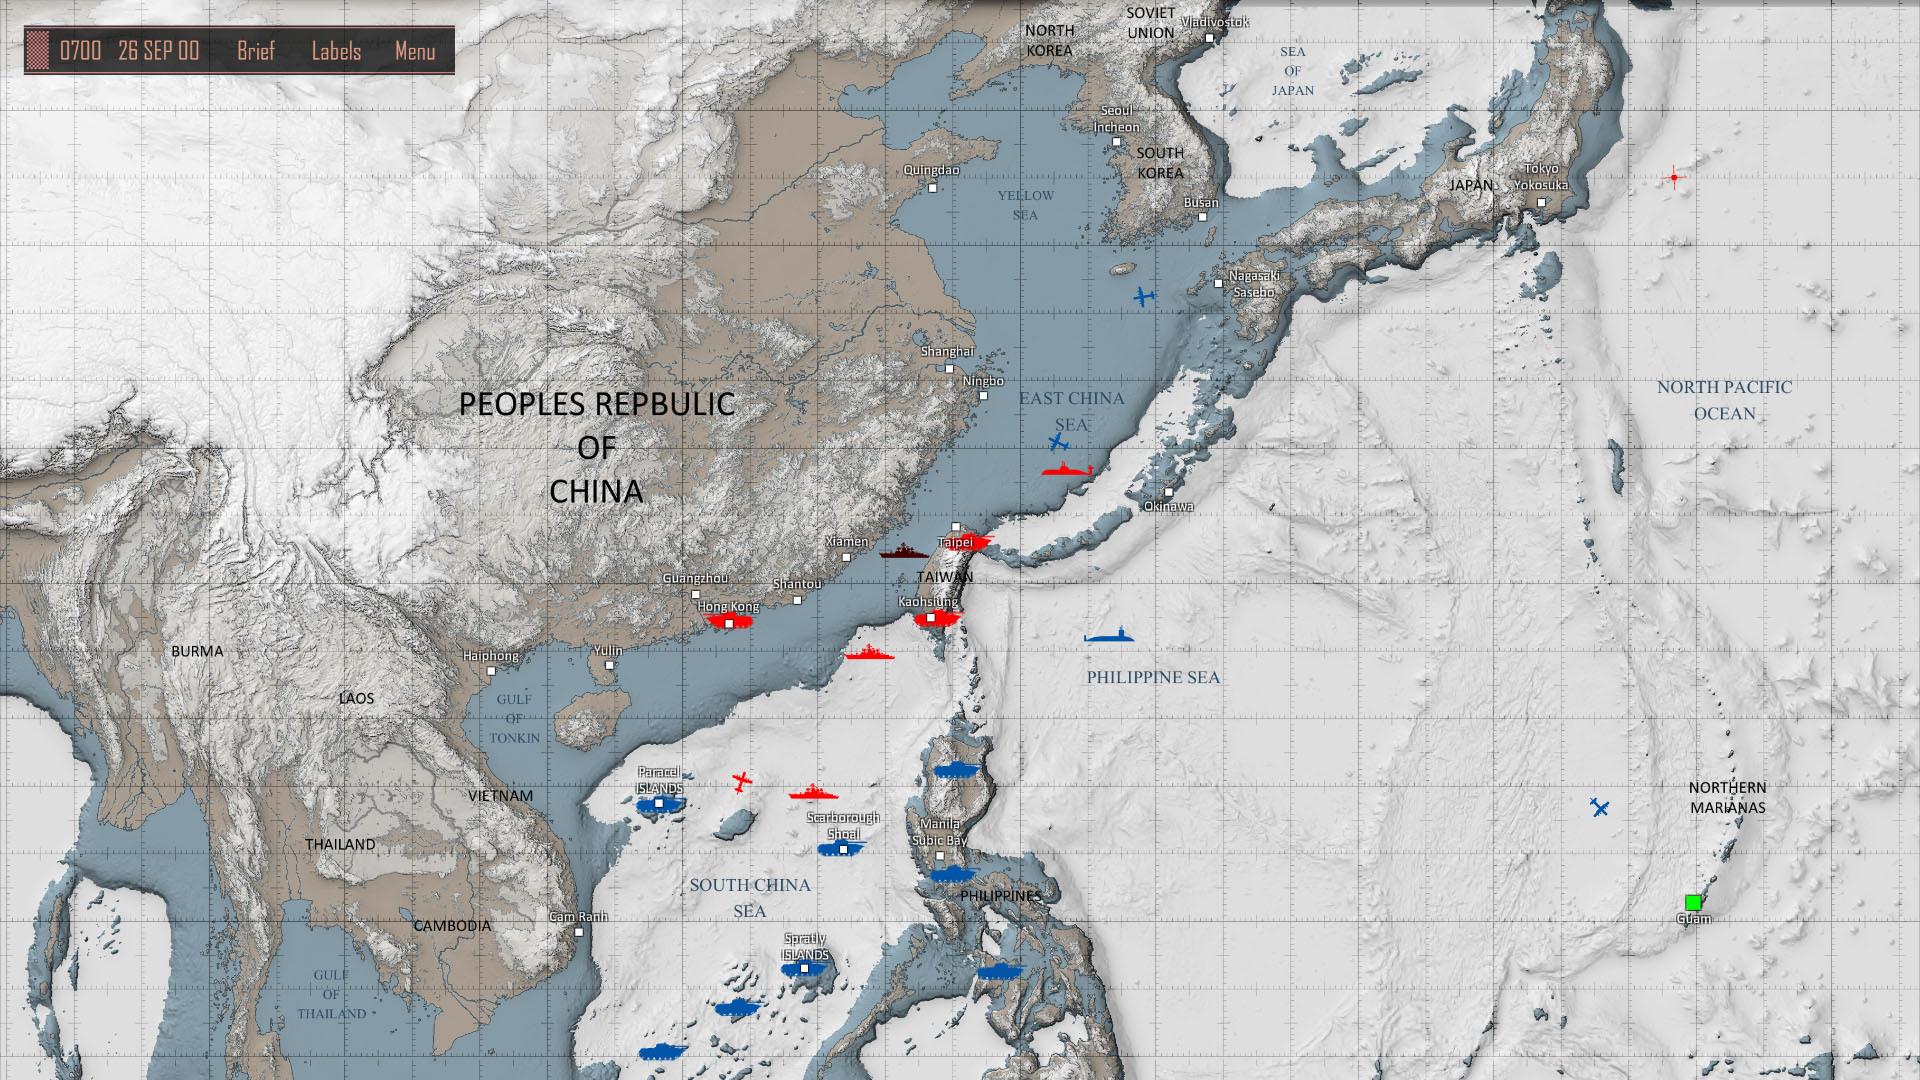 Une raison supplémentaire d'acheter le jeu : dans quelques semaines, il s'enrichira d'une toute nouvelle campagne (gratuite) en mer de Chine, simulant un conflit moderne entre Pékin et la marine US.